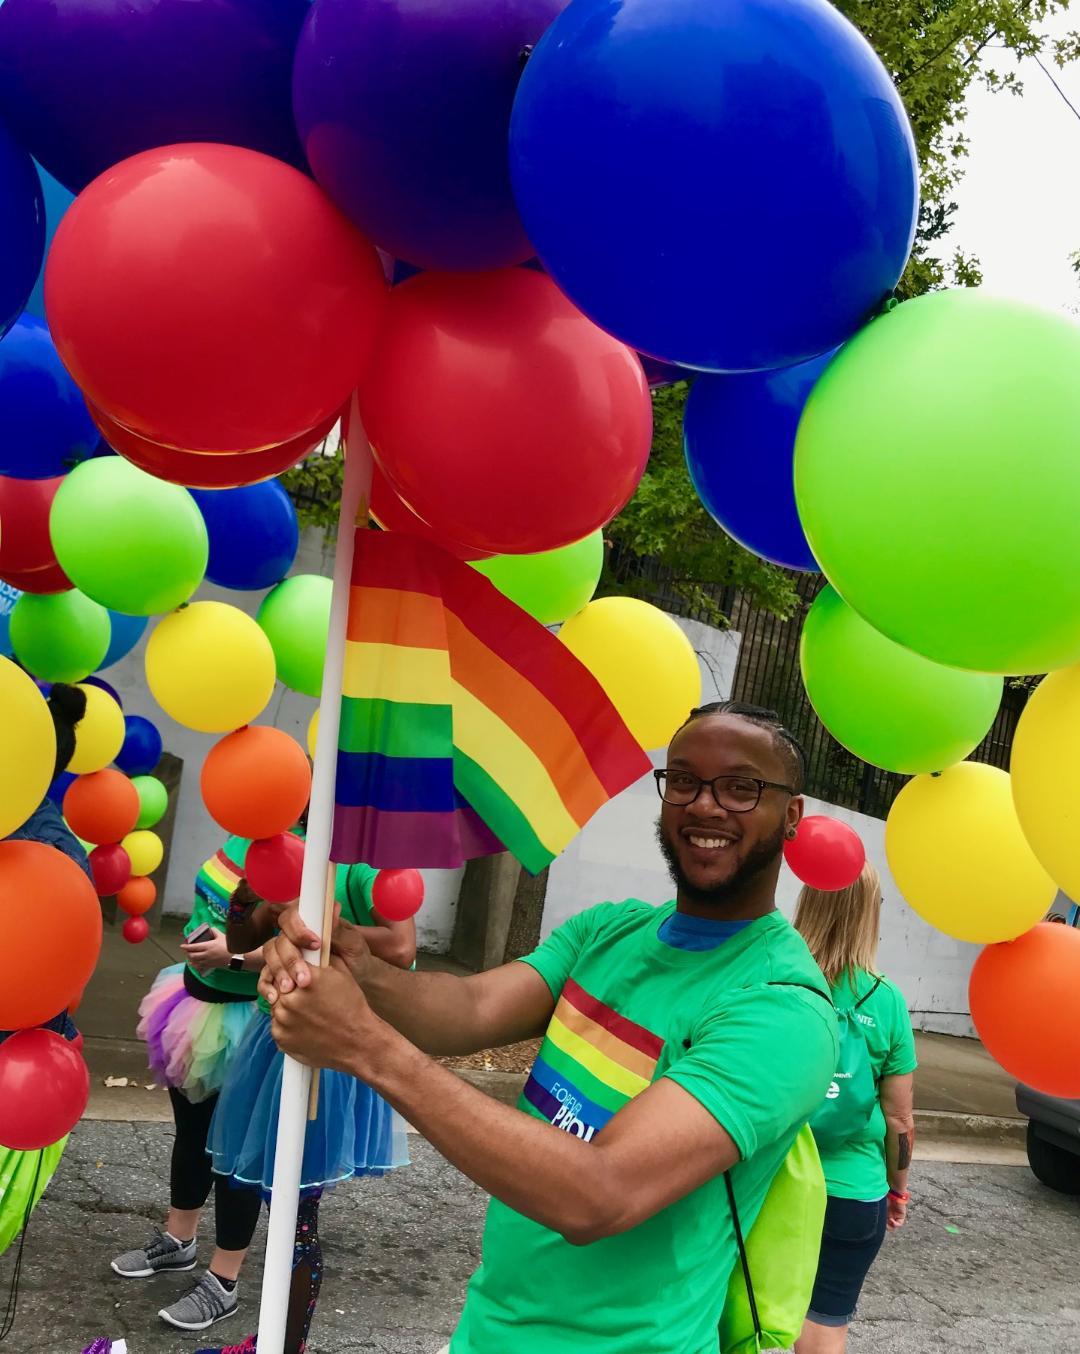 Pride Parade 2018 by Kelly Jordan